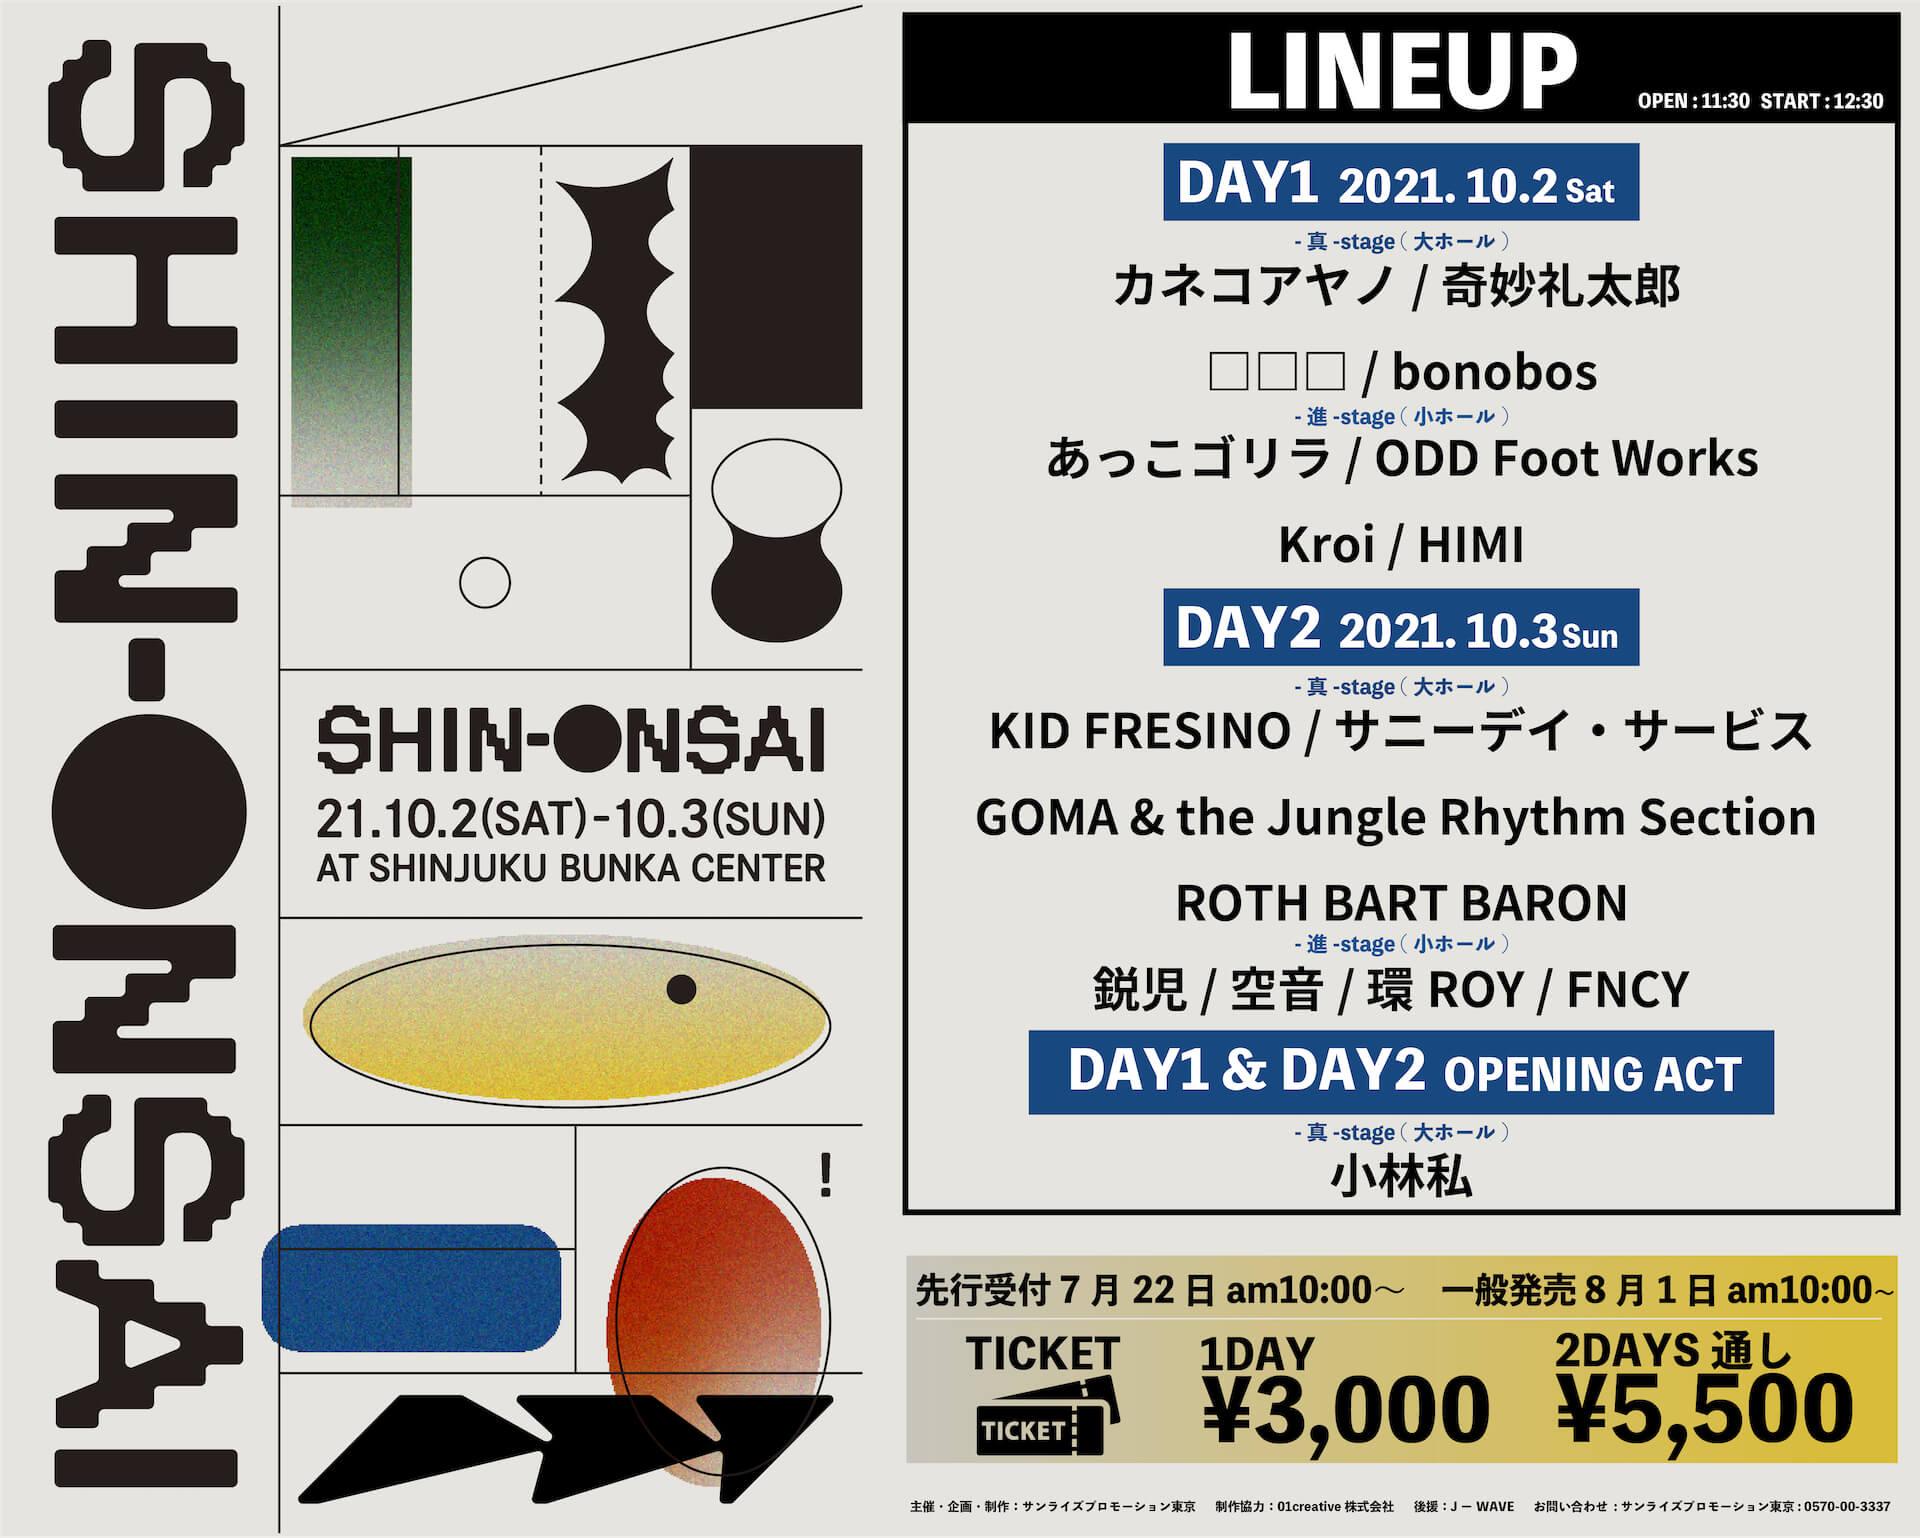 カネコアヤノ、KID FRESINO、FNCY、サニーデイ・サービス、鋭児らが出演する<SHIN-ONSAI>の日割りが発表! music210721_shinonsai_2